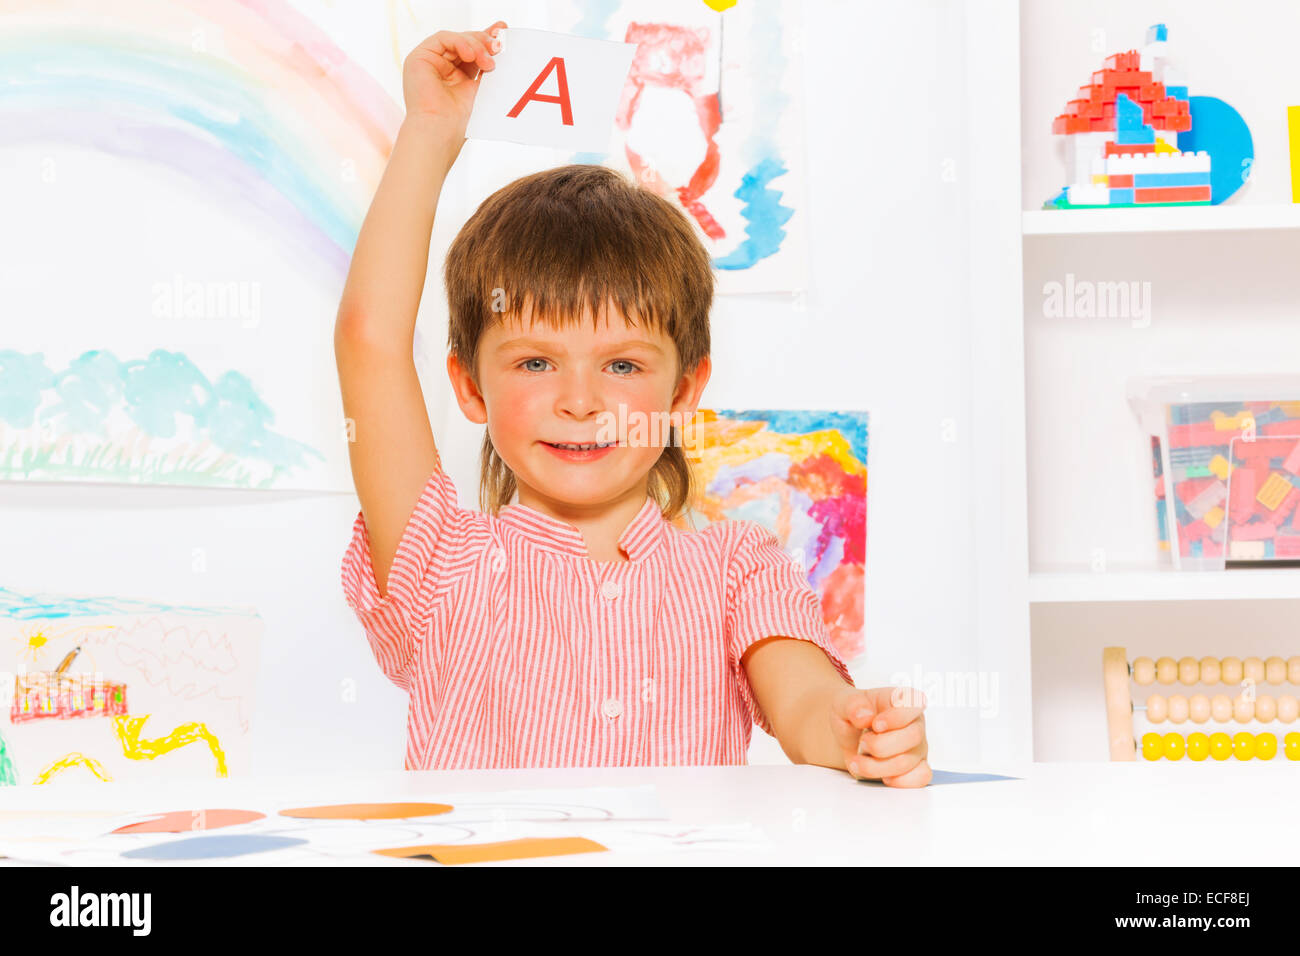 Intelligente wenig Vorschule junge zeigt Flashcard mit Buchstaben in ...